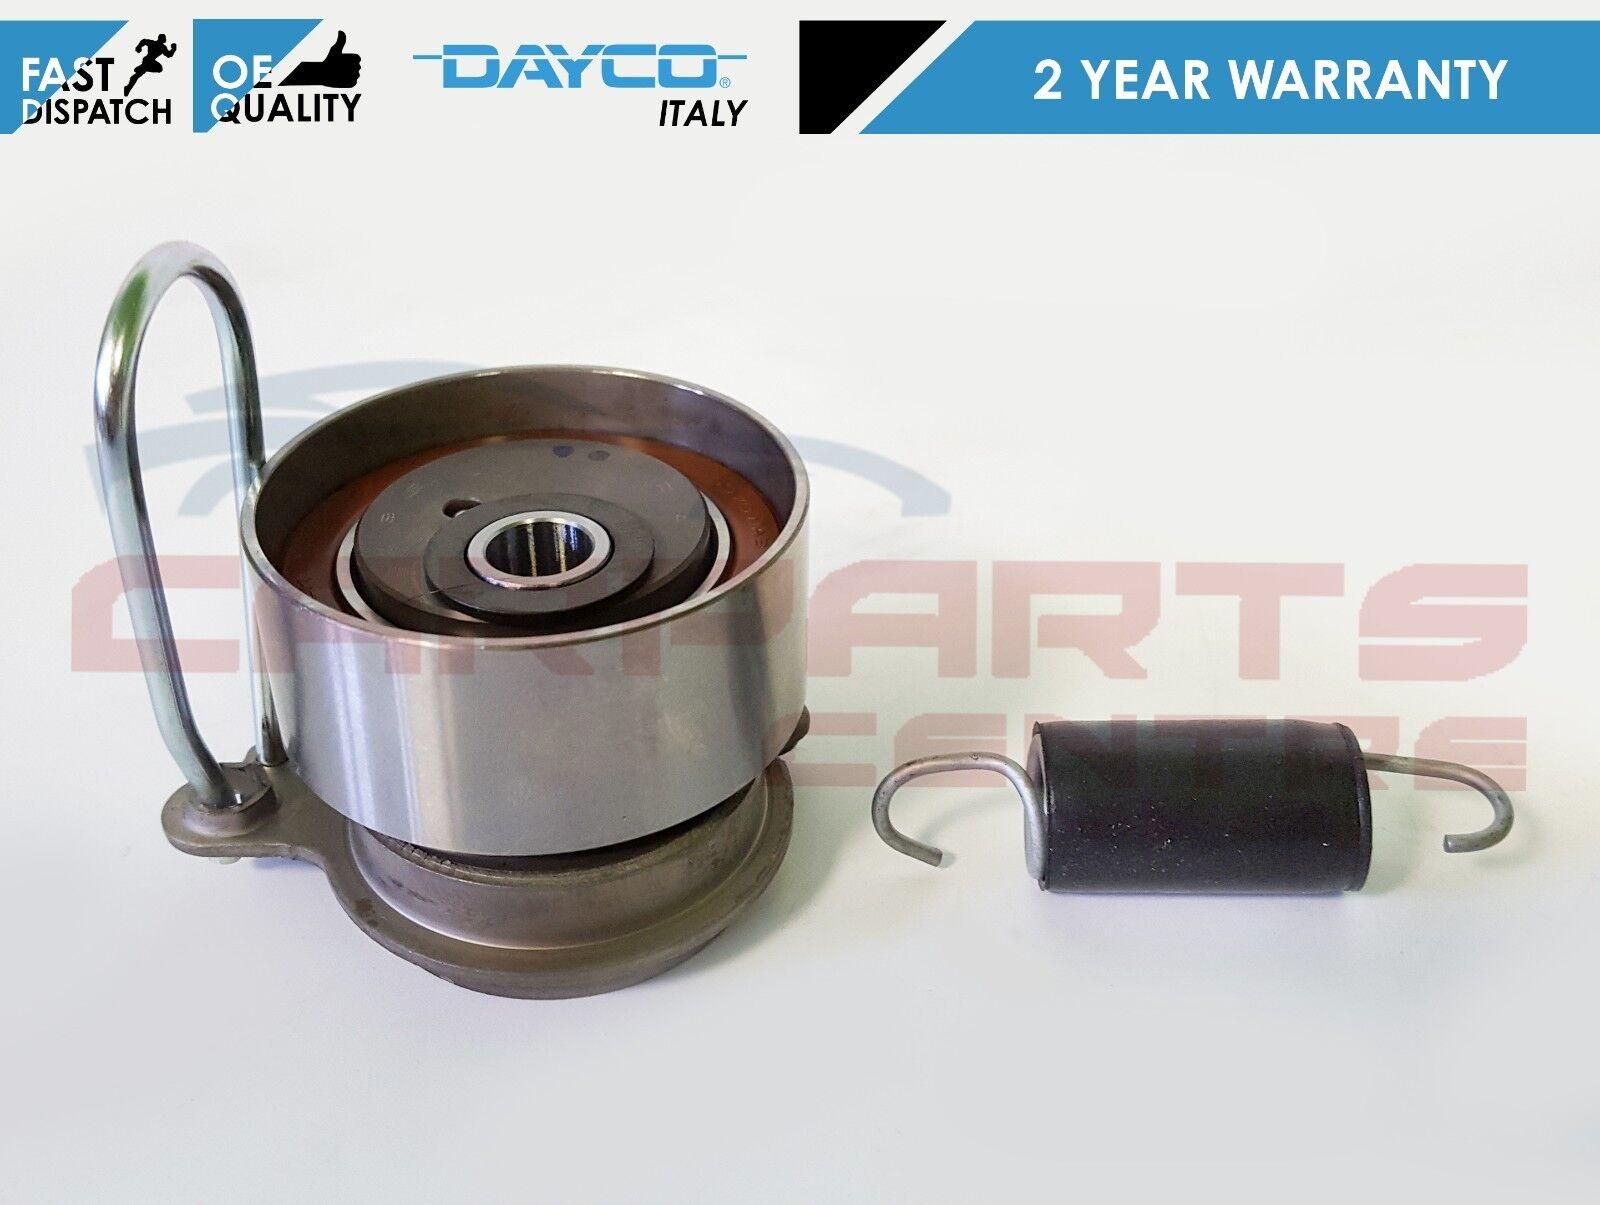 For Honda Civic 16 Ep2 Eu6 Eu8 Es4 D16v1 Dayco Timing Cam Belt Oldsmobile Tensioner Kit